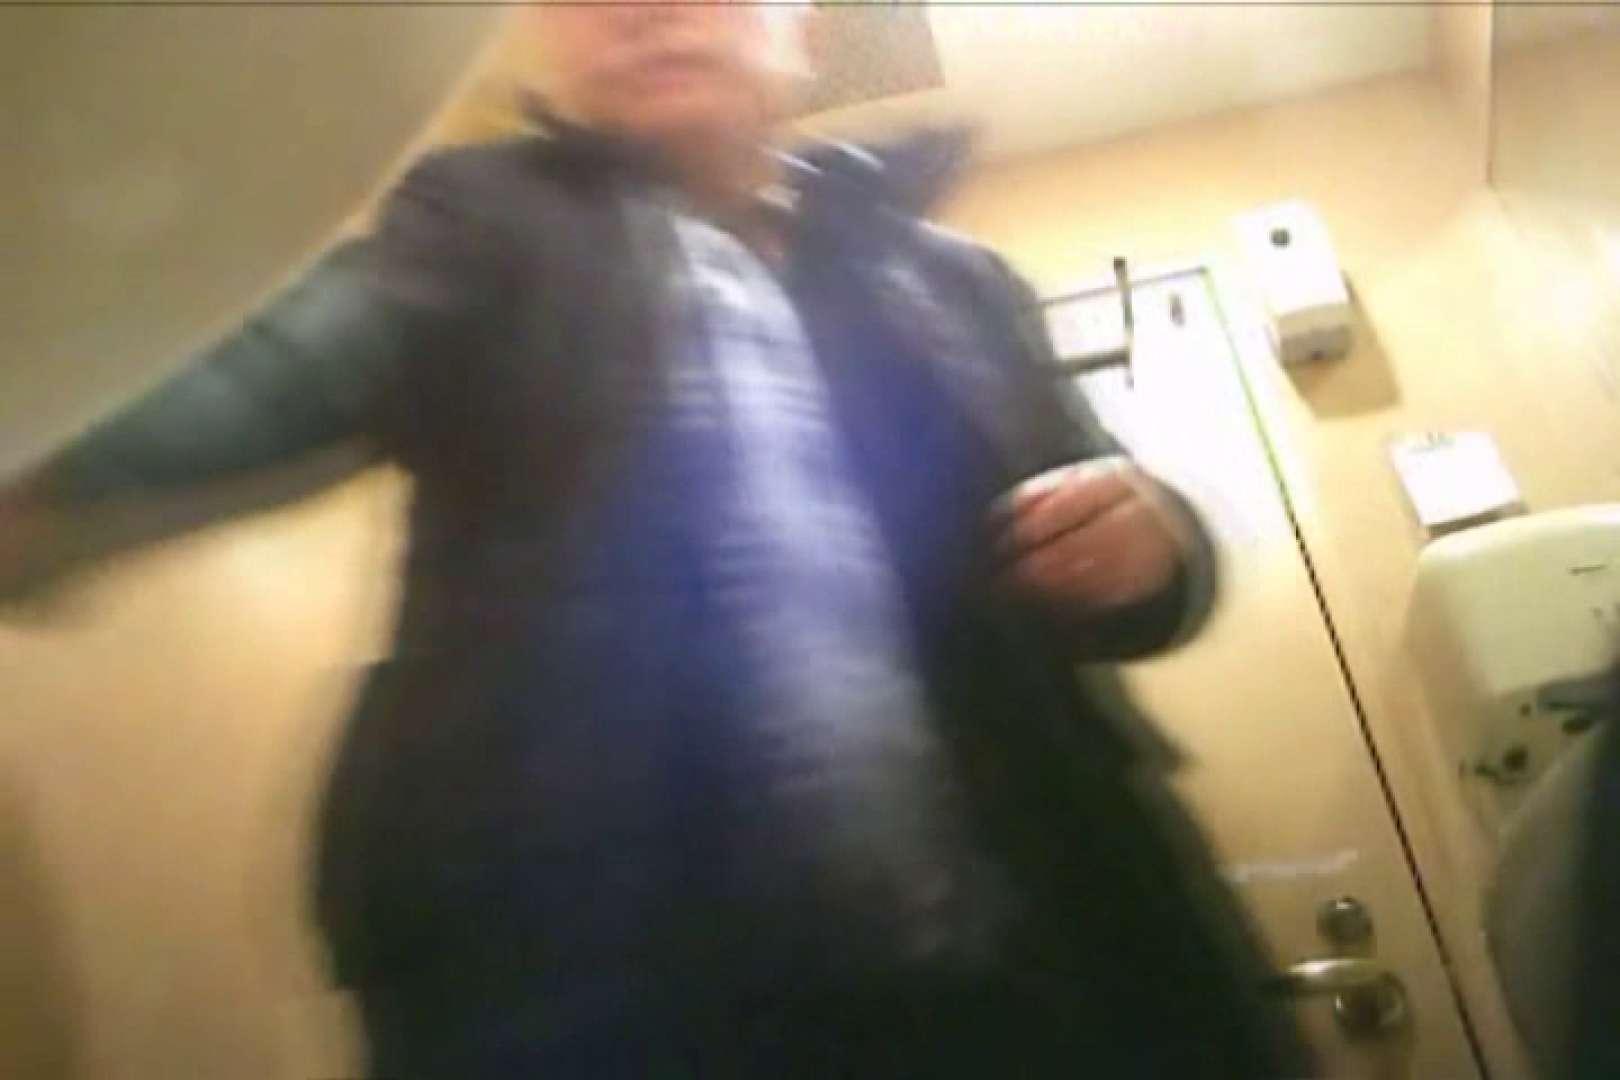 SEASON 2ND!掴み取りさんの洗面所覗き!in新幹線!VOL.15 覗きシーン ゲイSEX画像 73枚 24